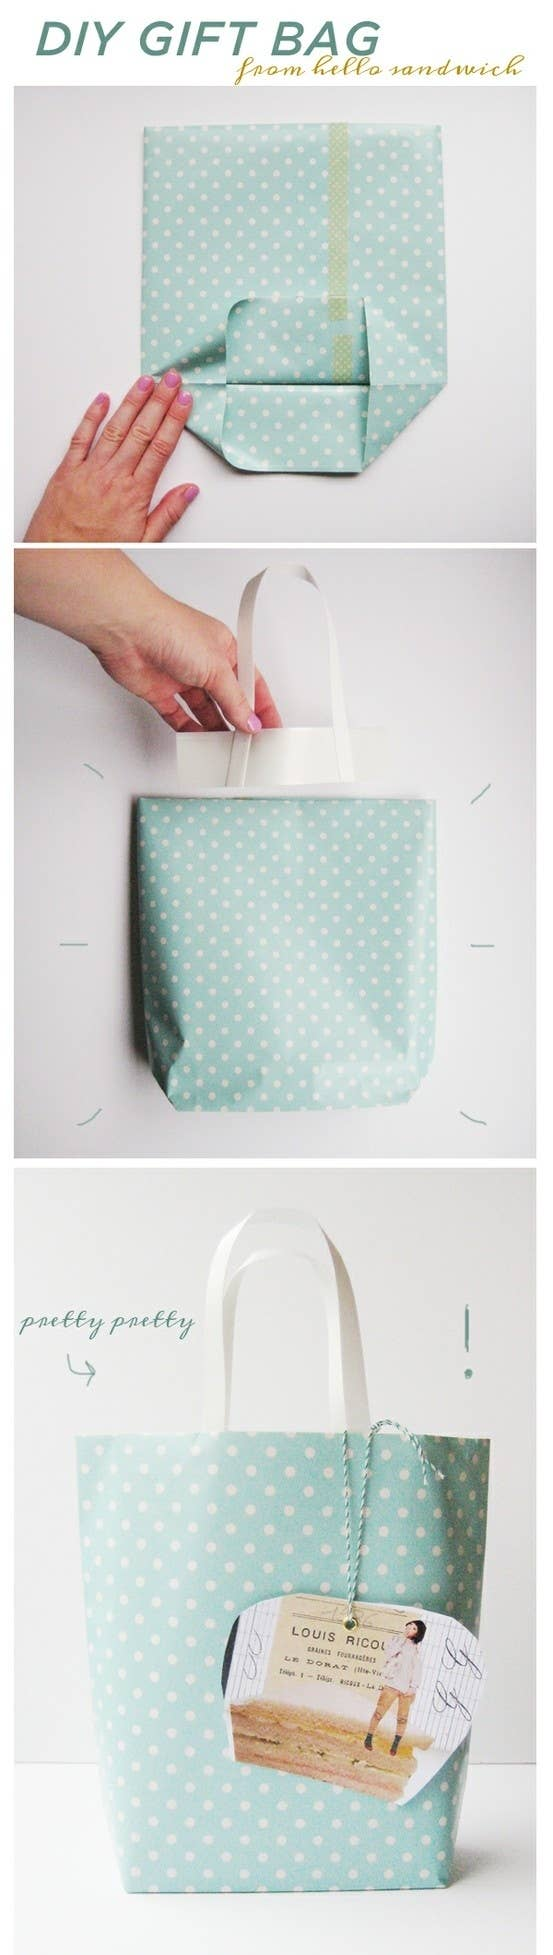 Make Your Own Gift Bag